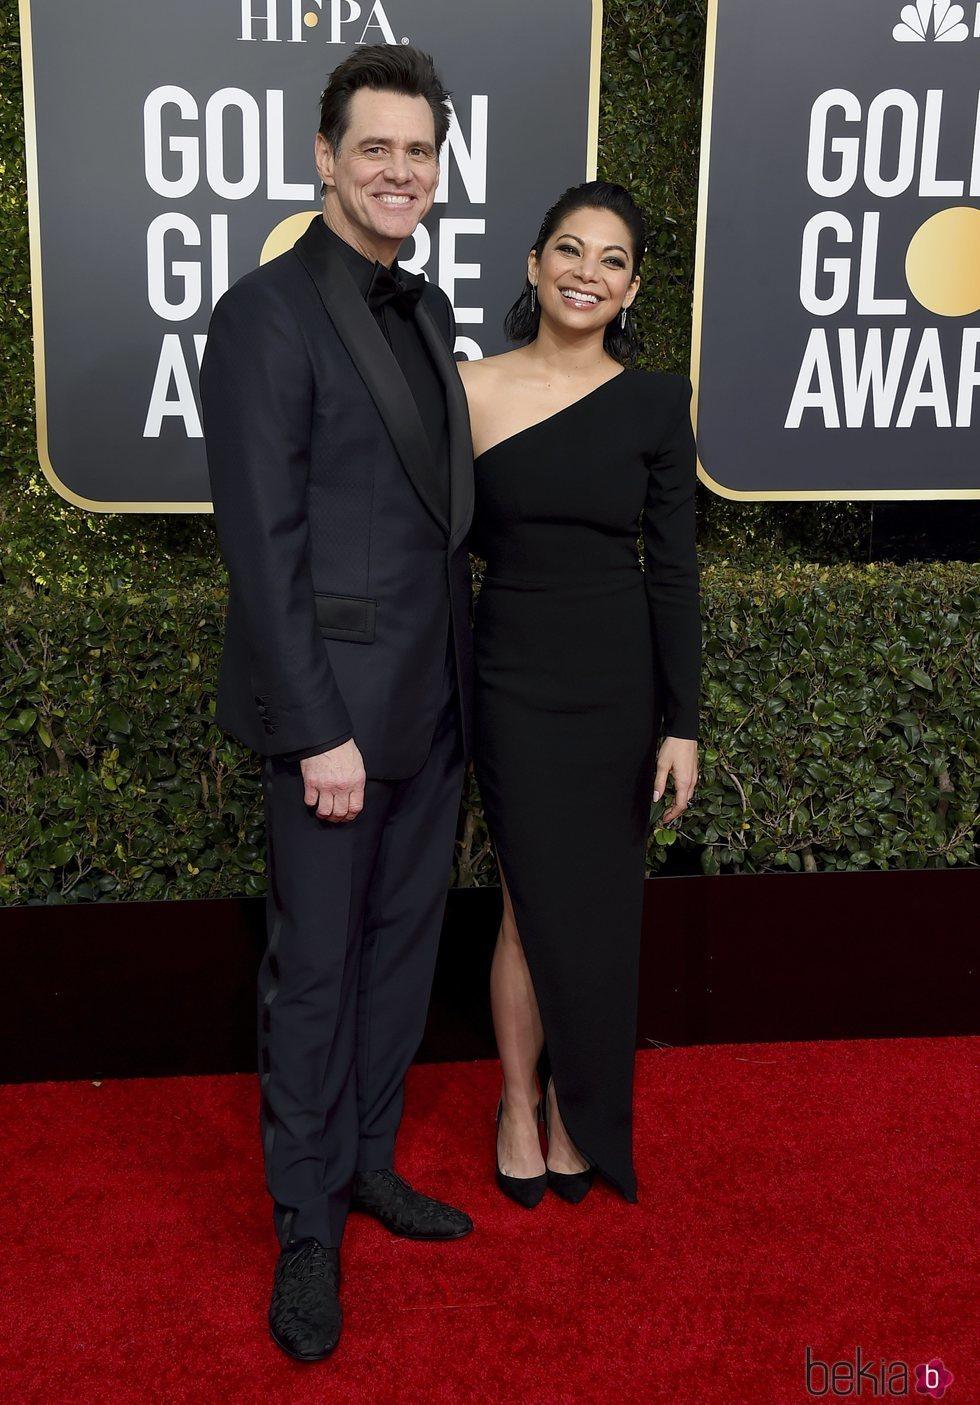 Jim Carrey y Ginger Gonzaga en la alfombra roja de los Globos de Oro 2019